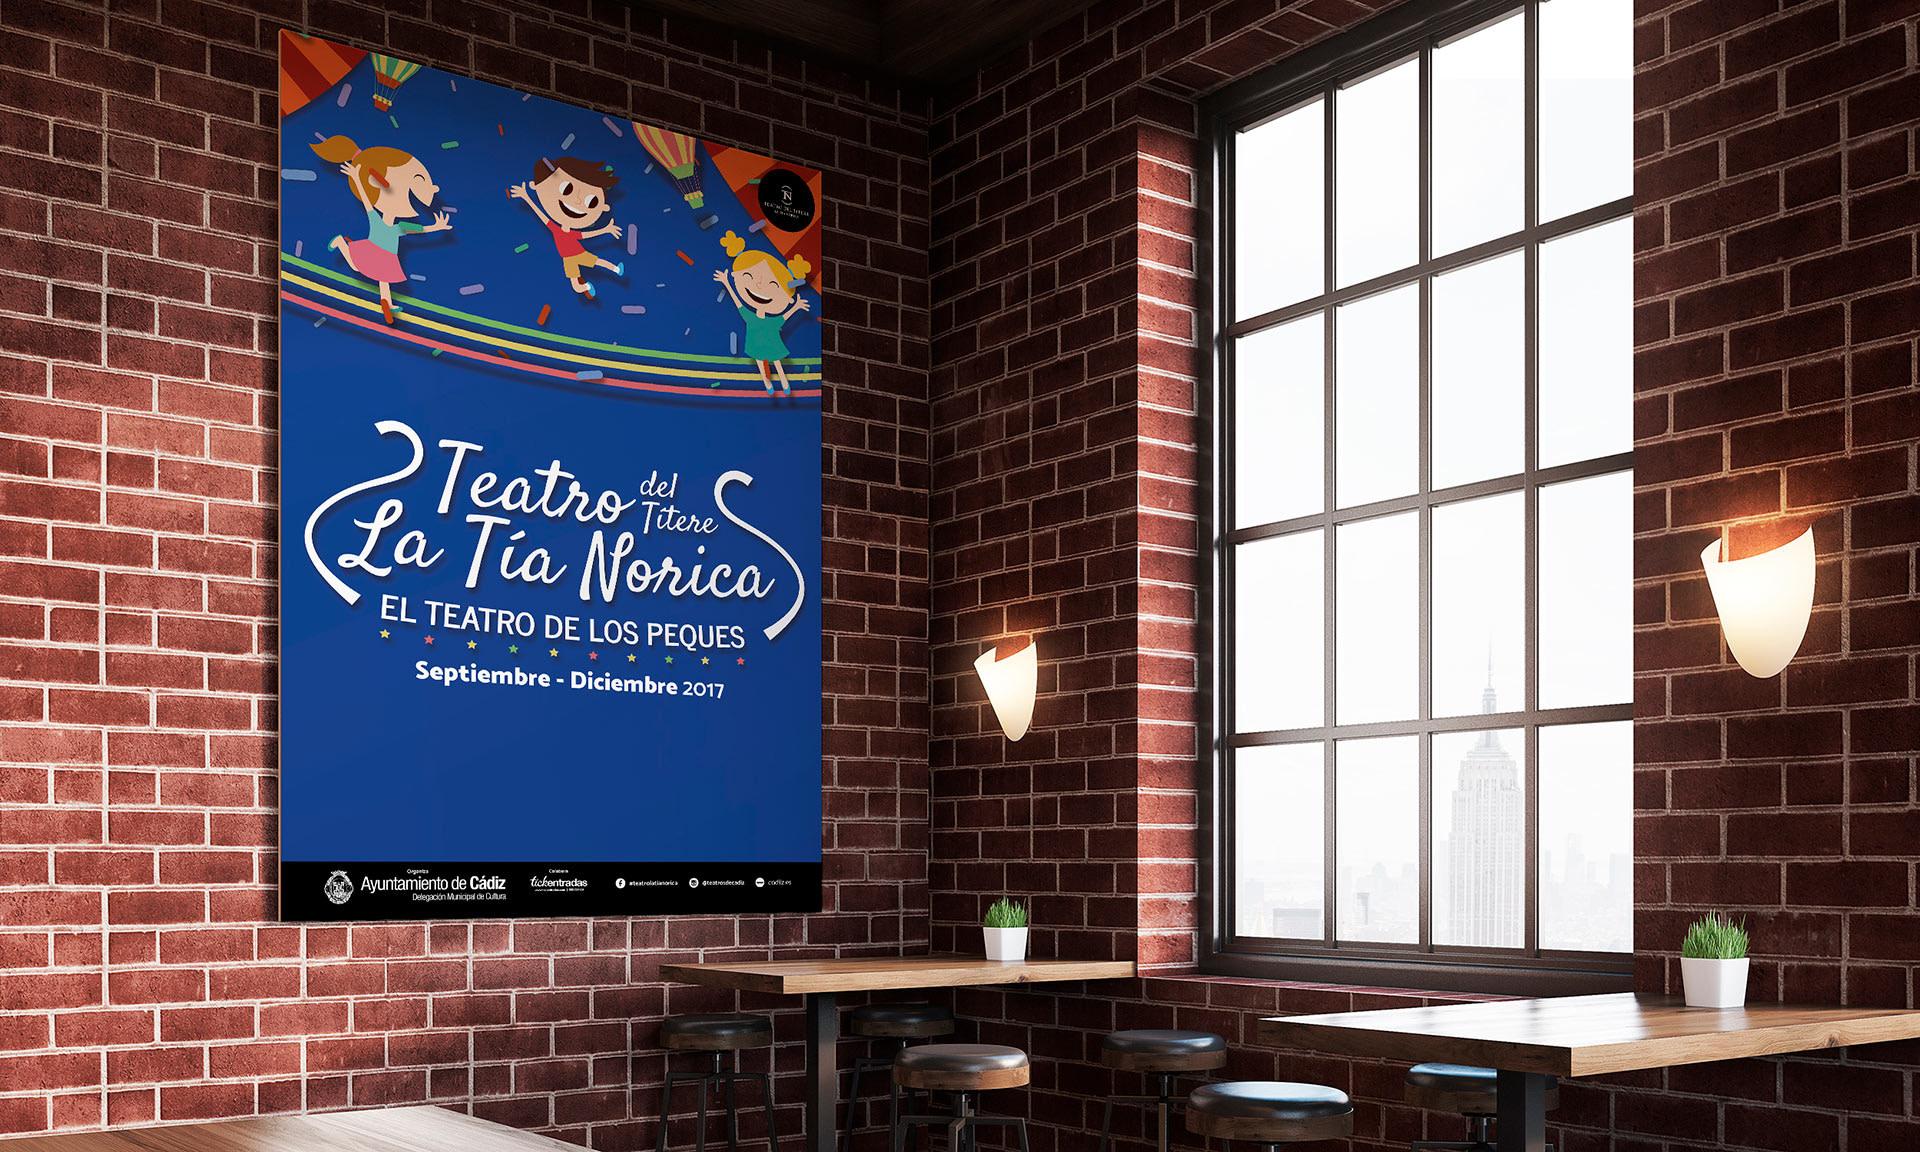 Lona grande - Campaña de publicidad - Teatro del Títere - La Tía Norica (Septiembre - Diciembre 2017)